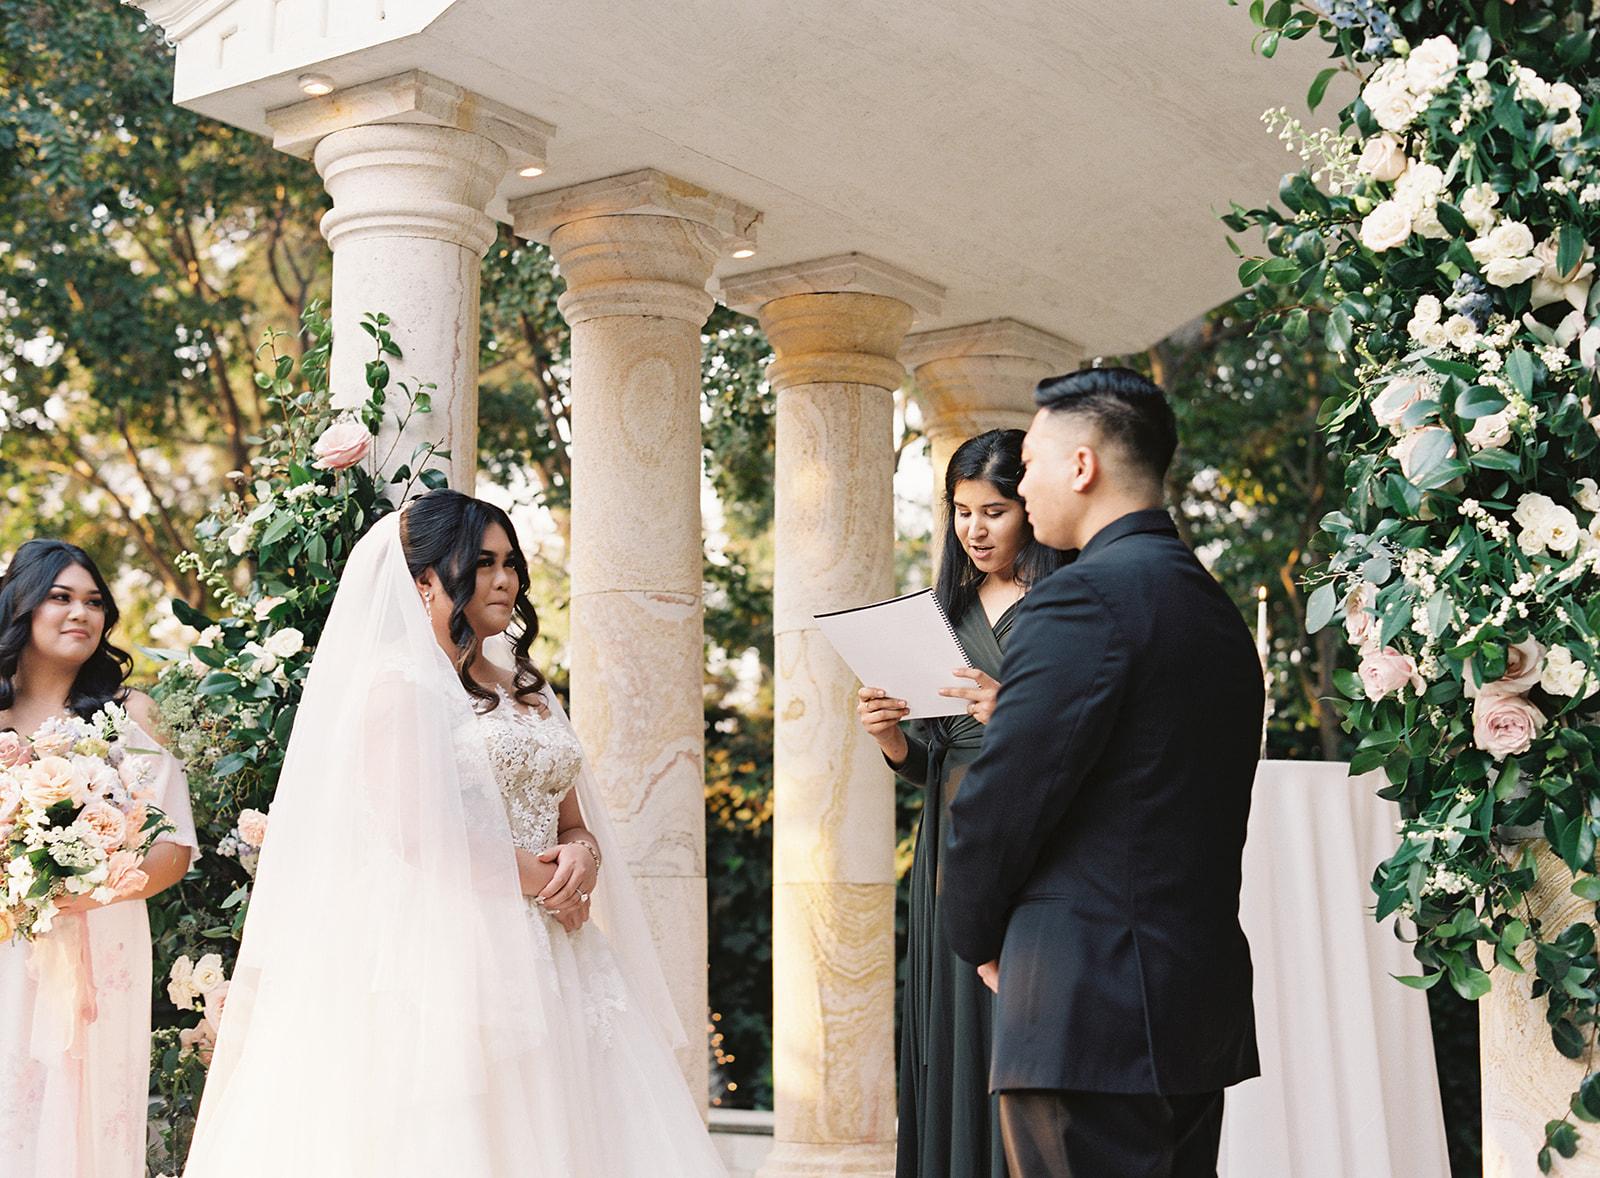 NathalieChengPhotography_AiahMichael_Wedding_472.jpg